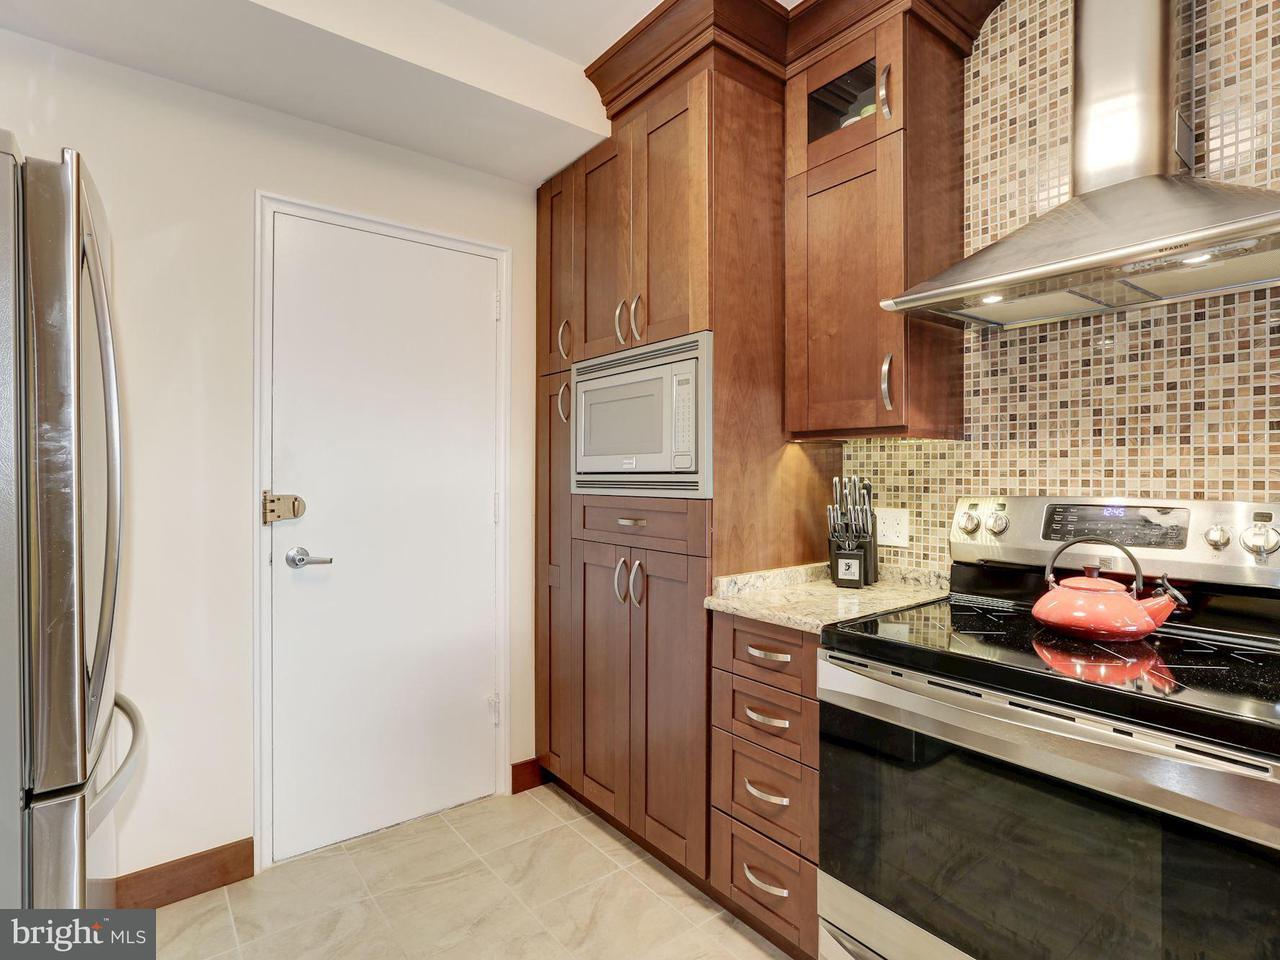 Additional photo for property listing at 4740 Connecticut Ave Nw #713 4740 Connecticut Ave Nw #713 Washington, Distrito De Columbia 20008 Estados Unidos